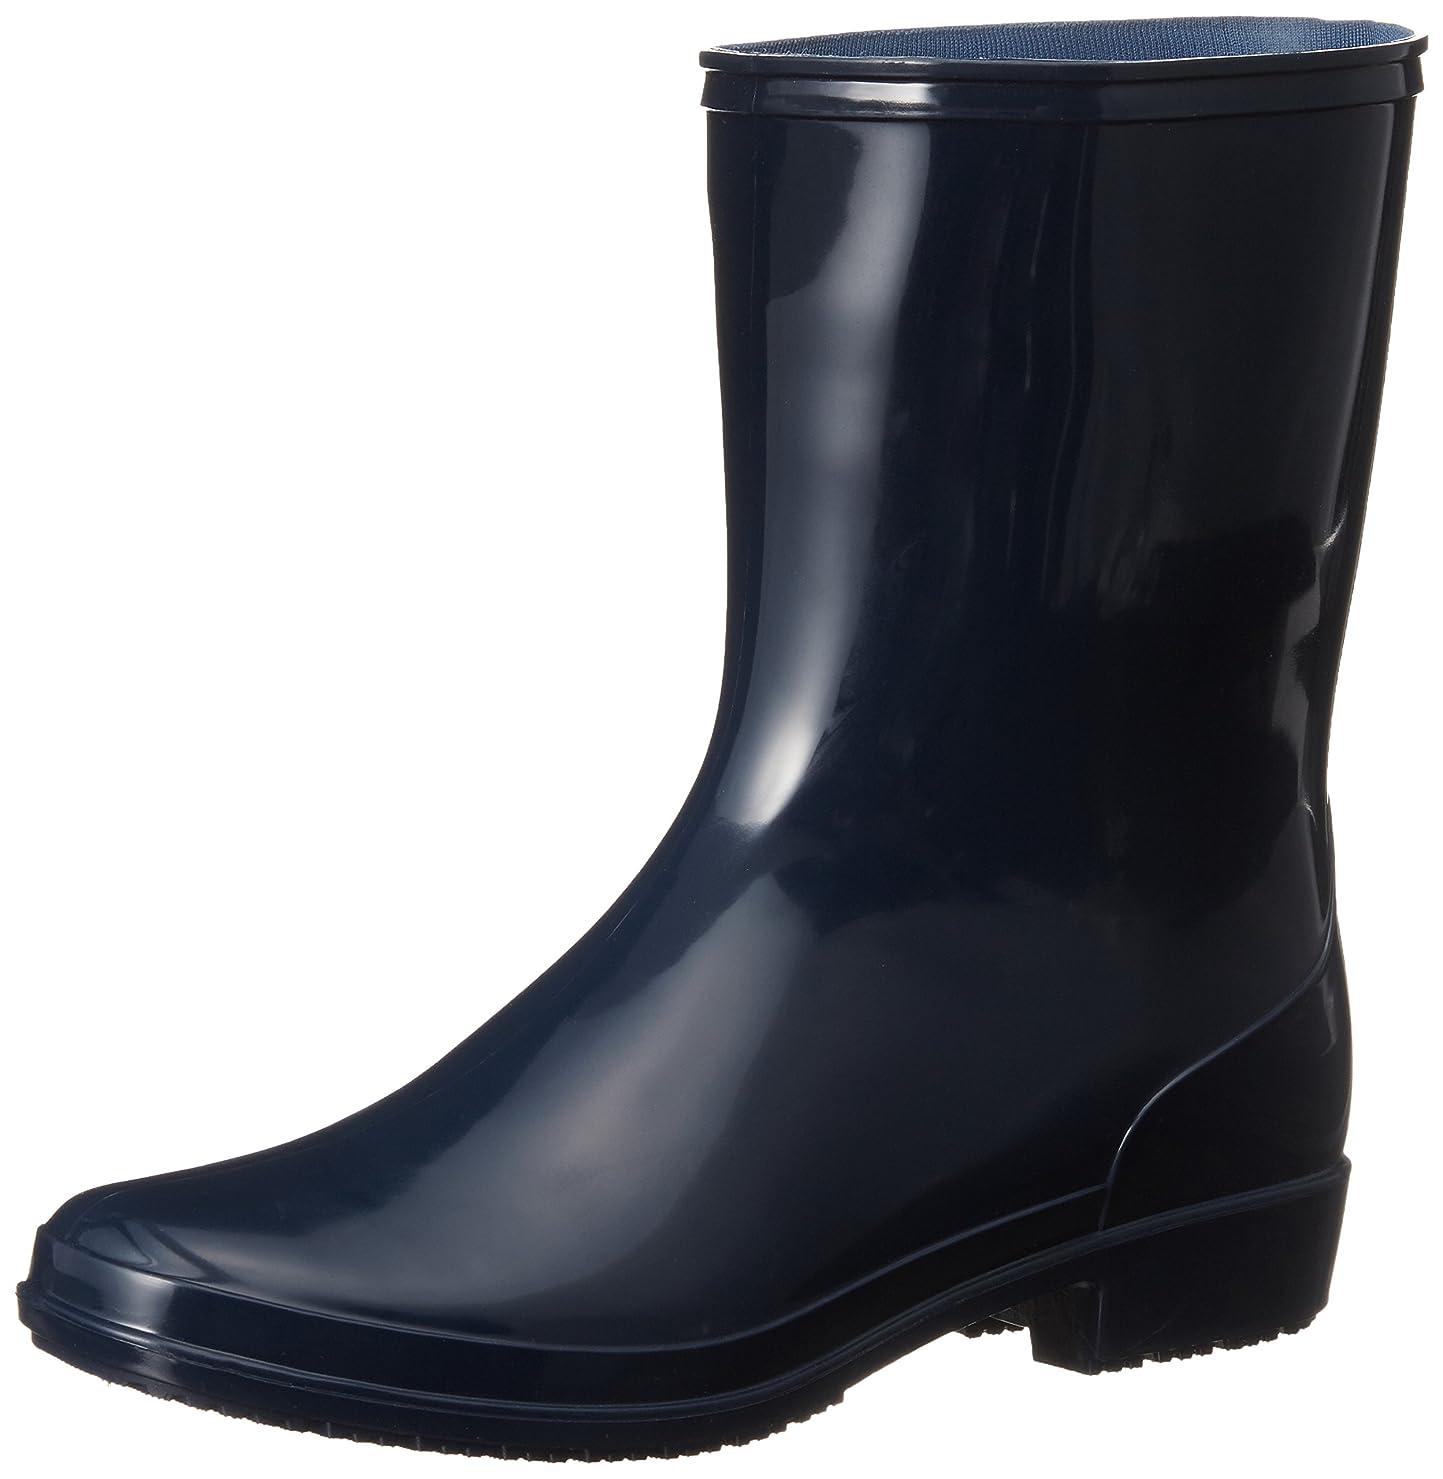 中庭宿題をする拒絶[ヘイギ] 長靴 PVC婦人長靴 メンズ HG-2